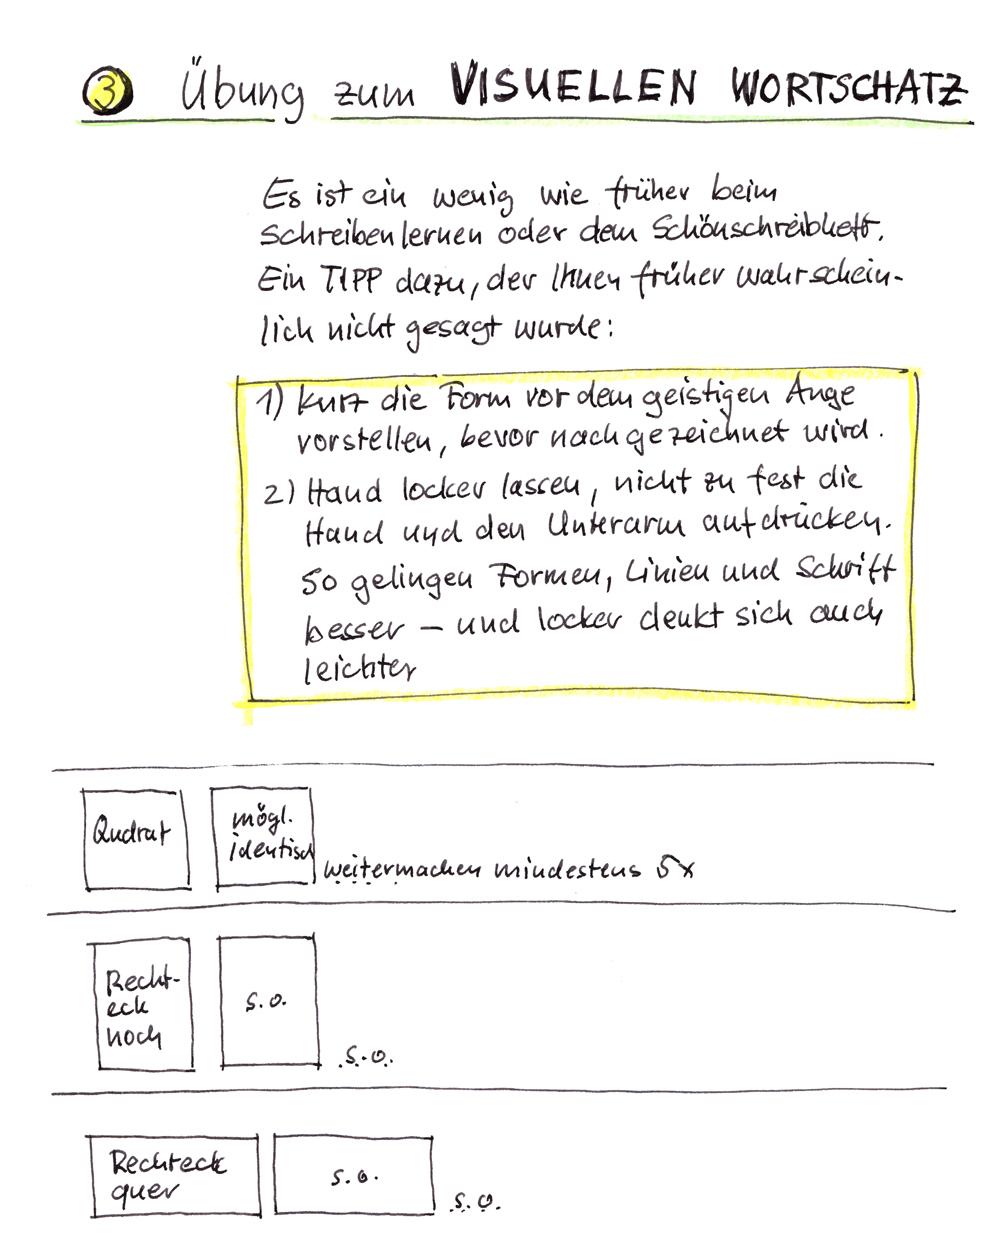 Zeichn-uebung3